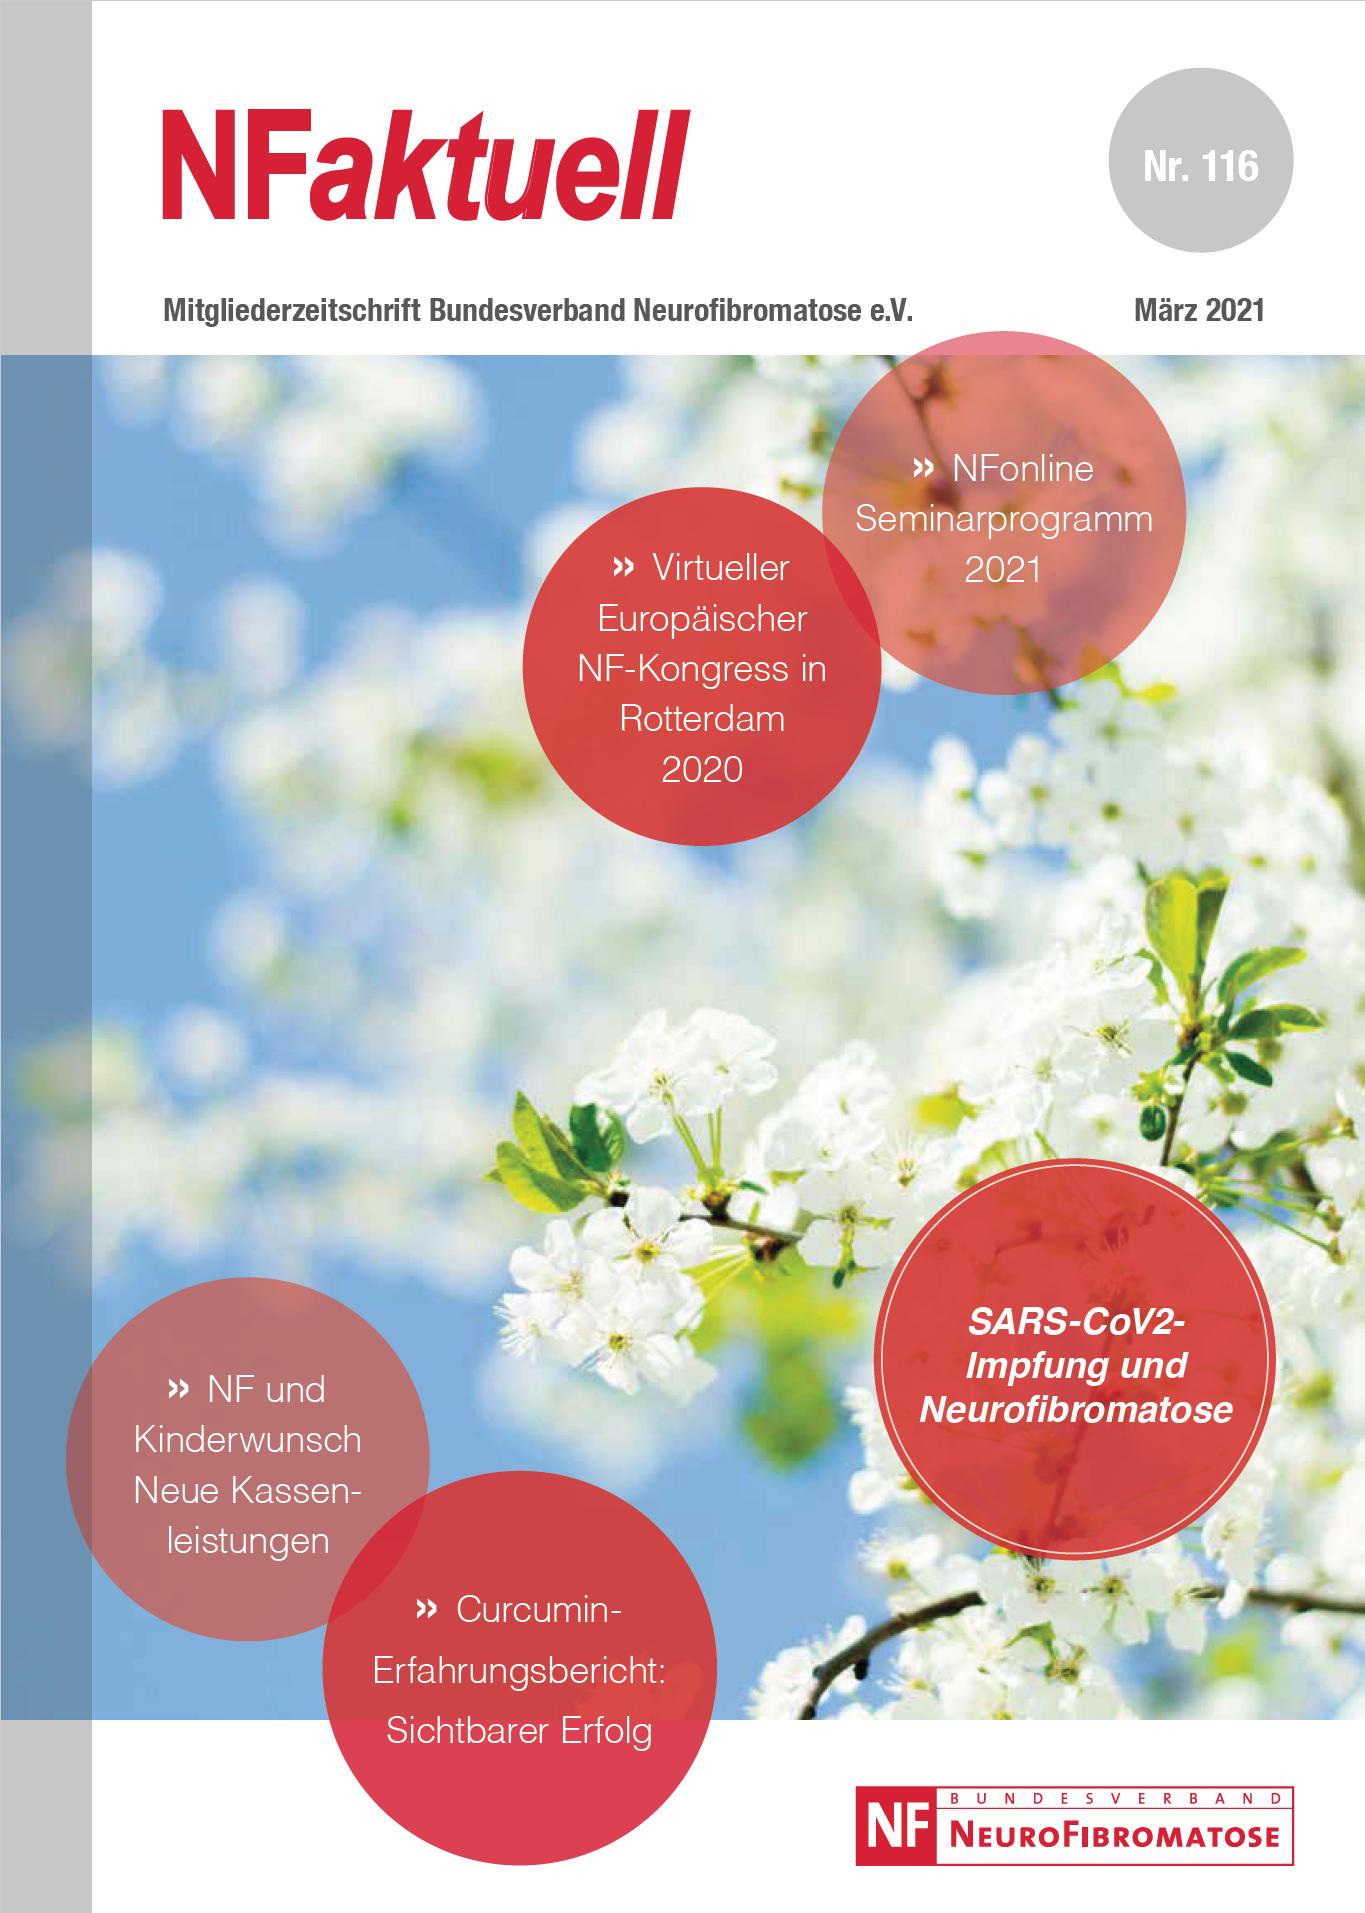 NFaktuell Nr. 116 März 2021 Mitgliederzeitschrift Bundesverband Neurofibromatose